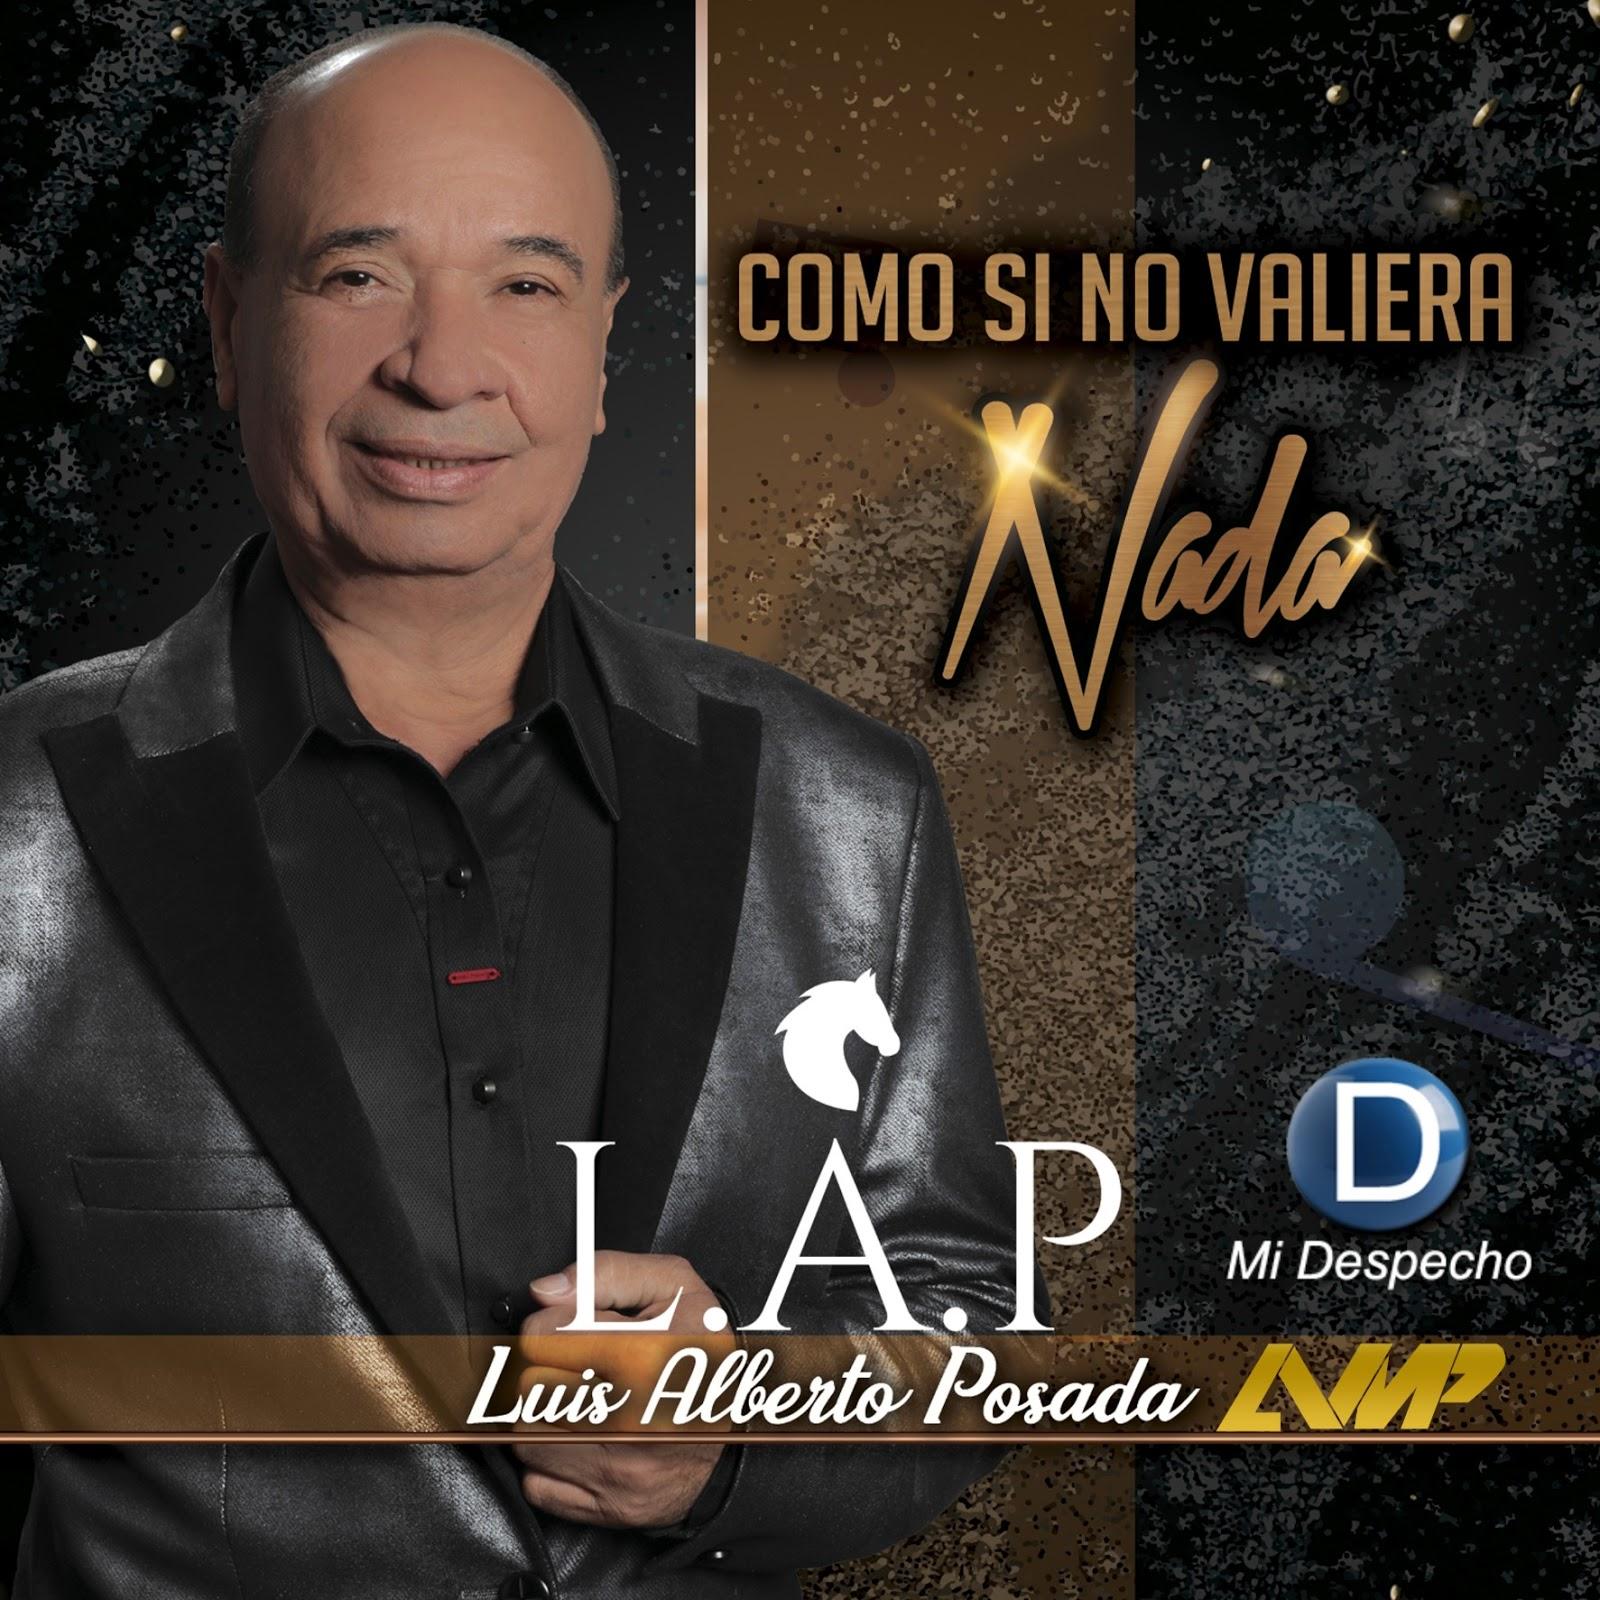 Luis Alberto Posada Como Si No Valiera Nada Frontal